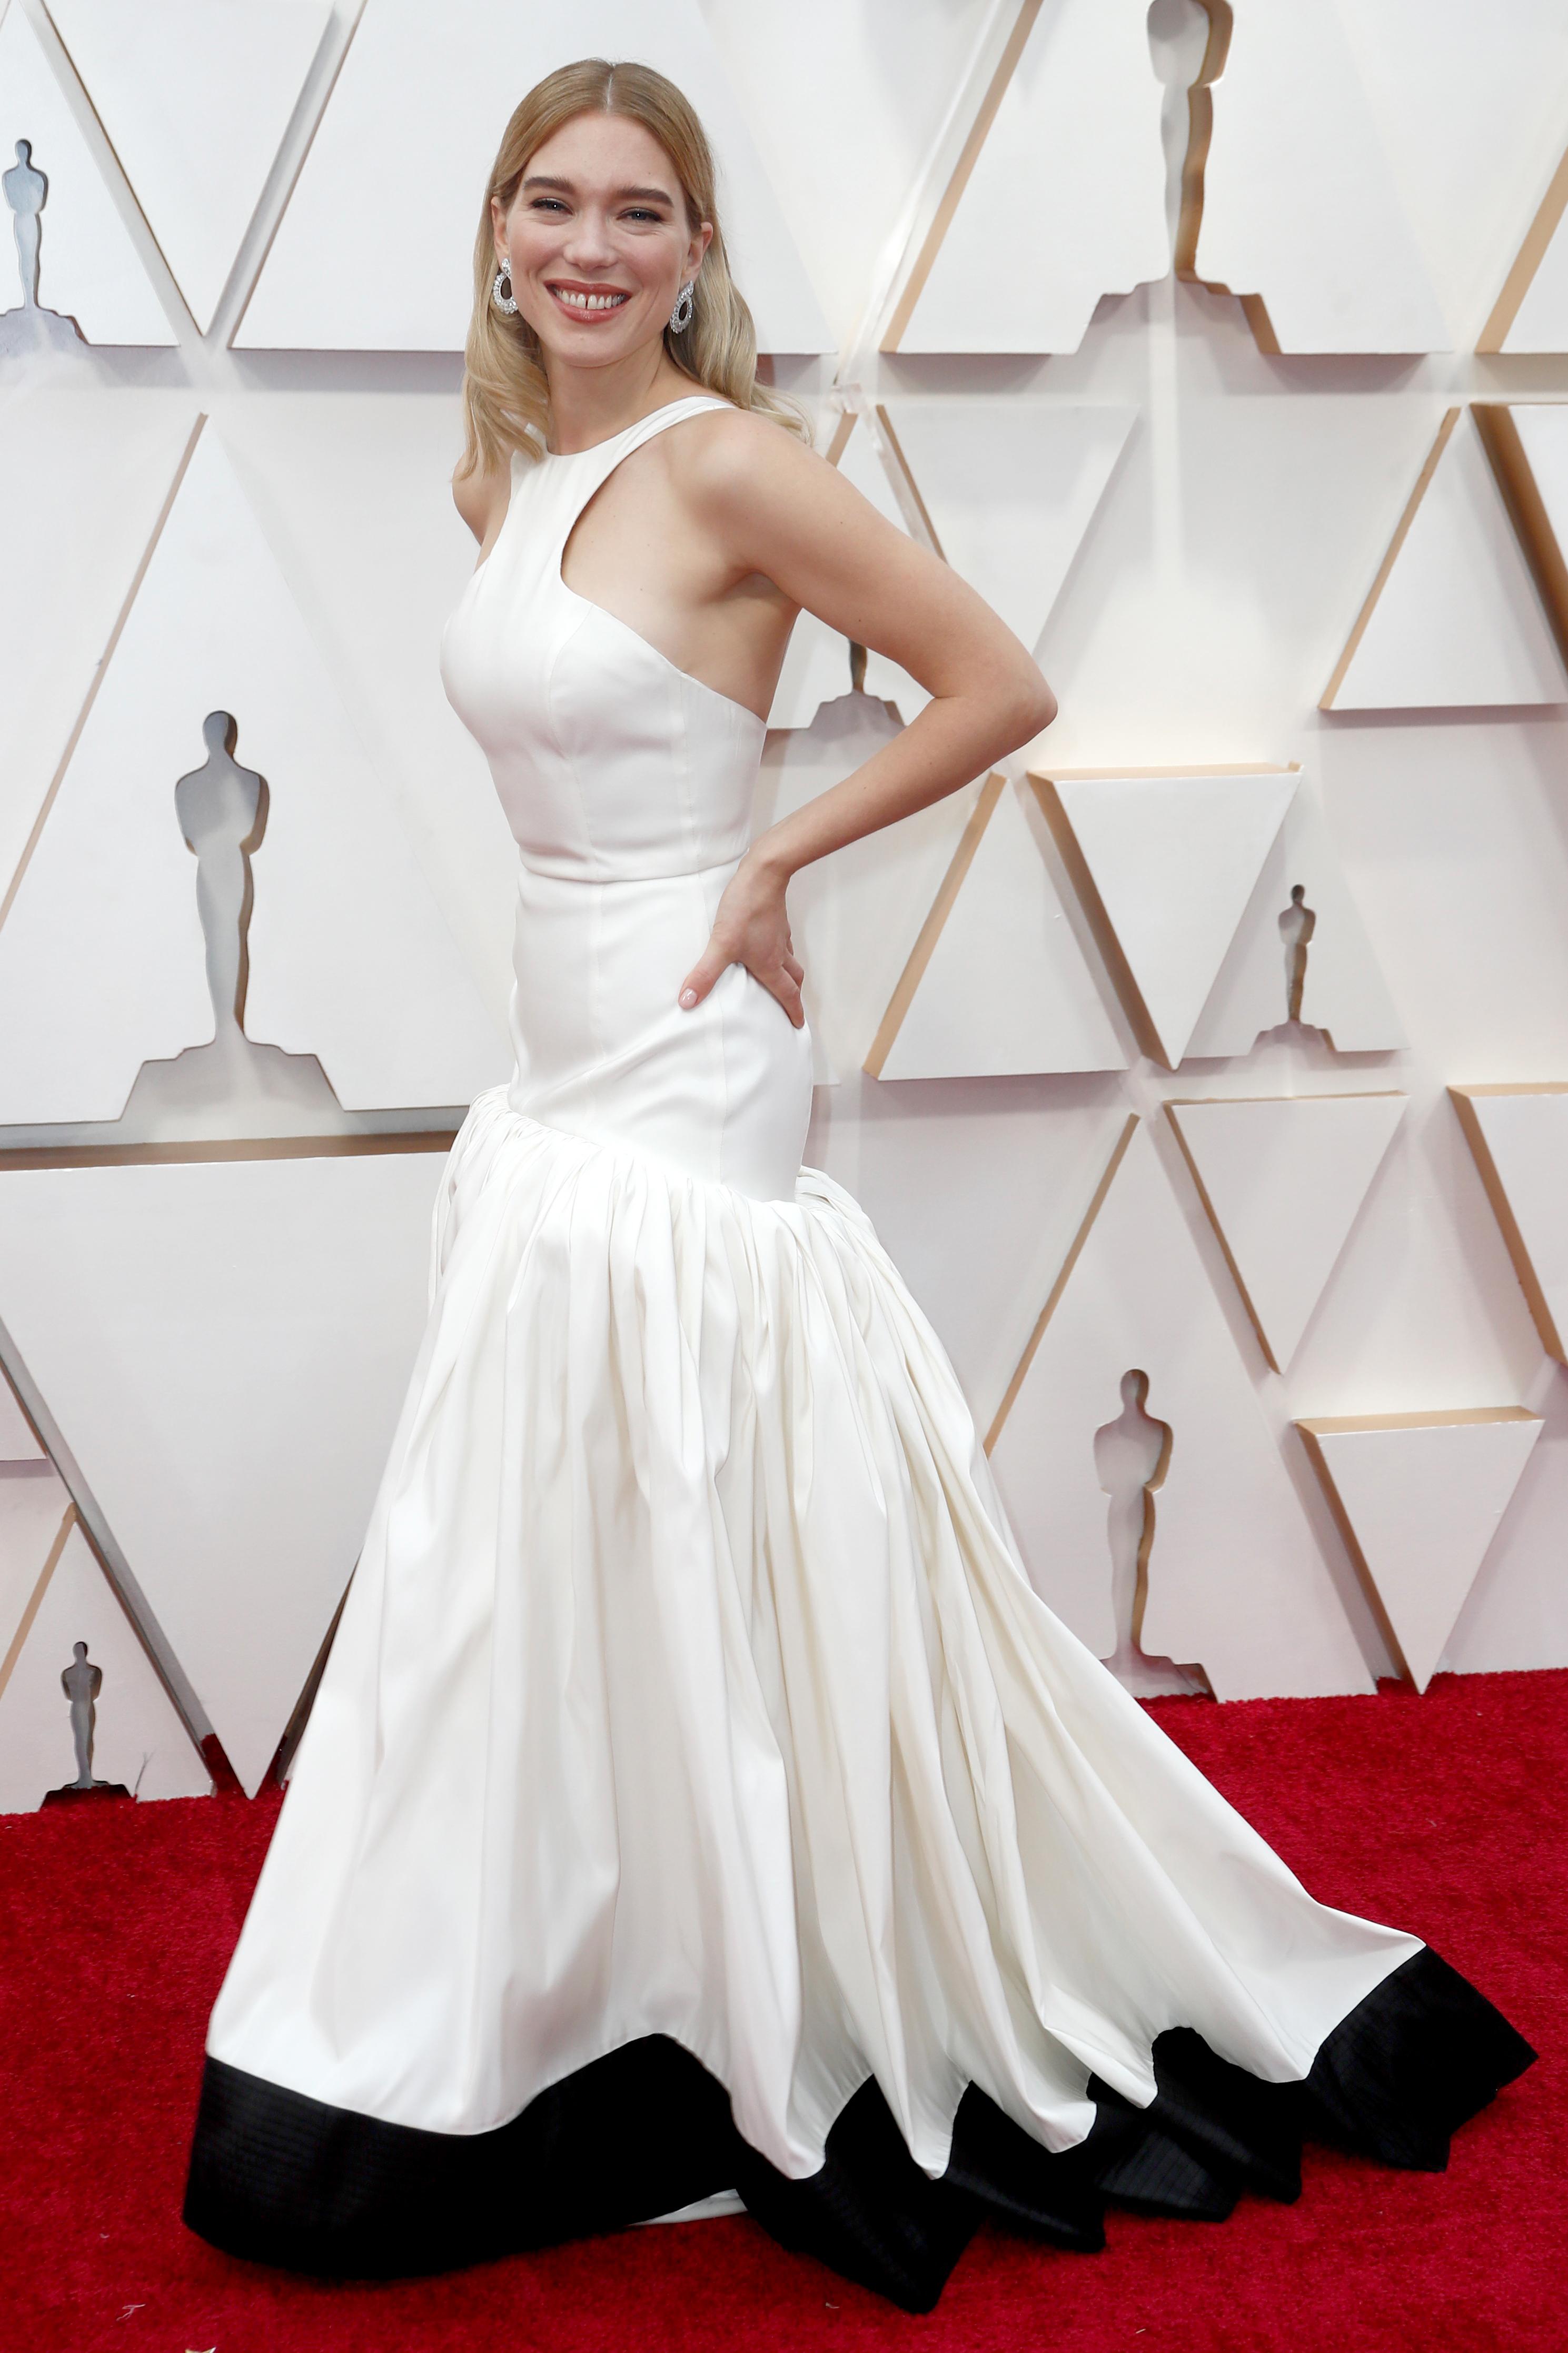 Lea Seydoux lució un diseño de cuello halter en blanco con detalles en su falda en la parte inferior de color negro. Completó el look con aros XXL en dorado